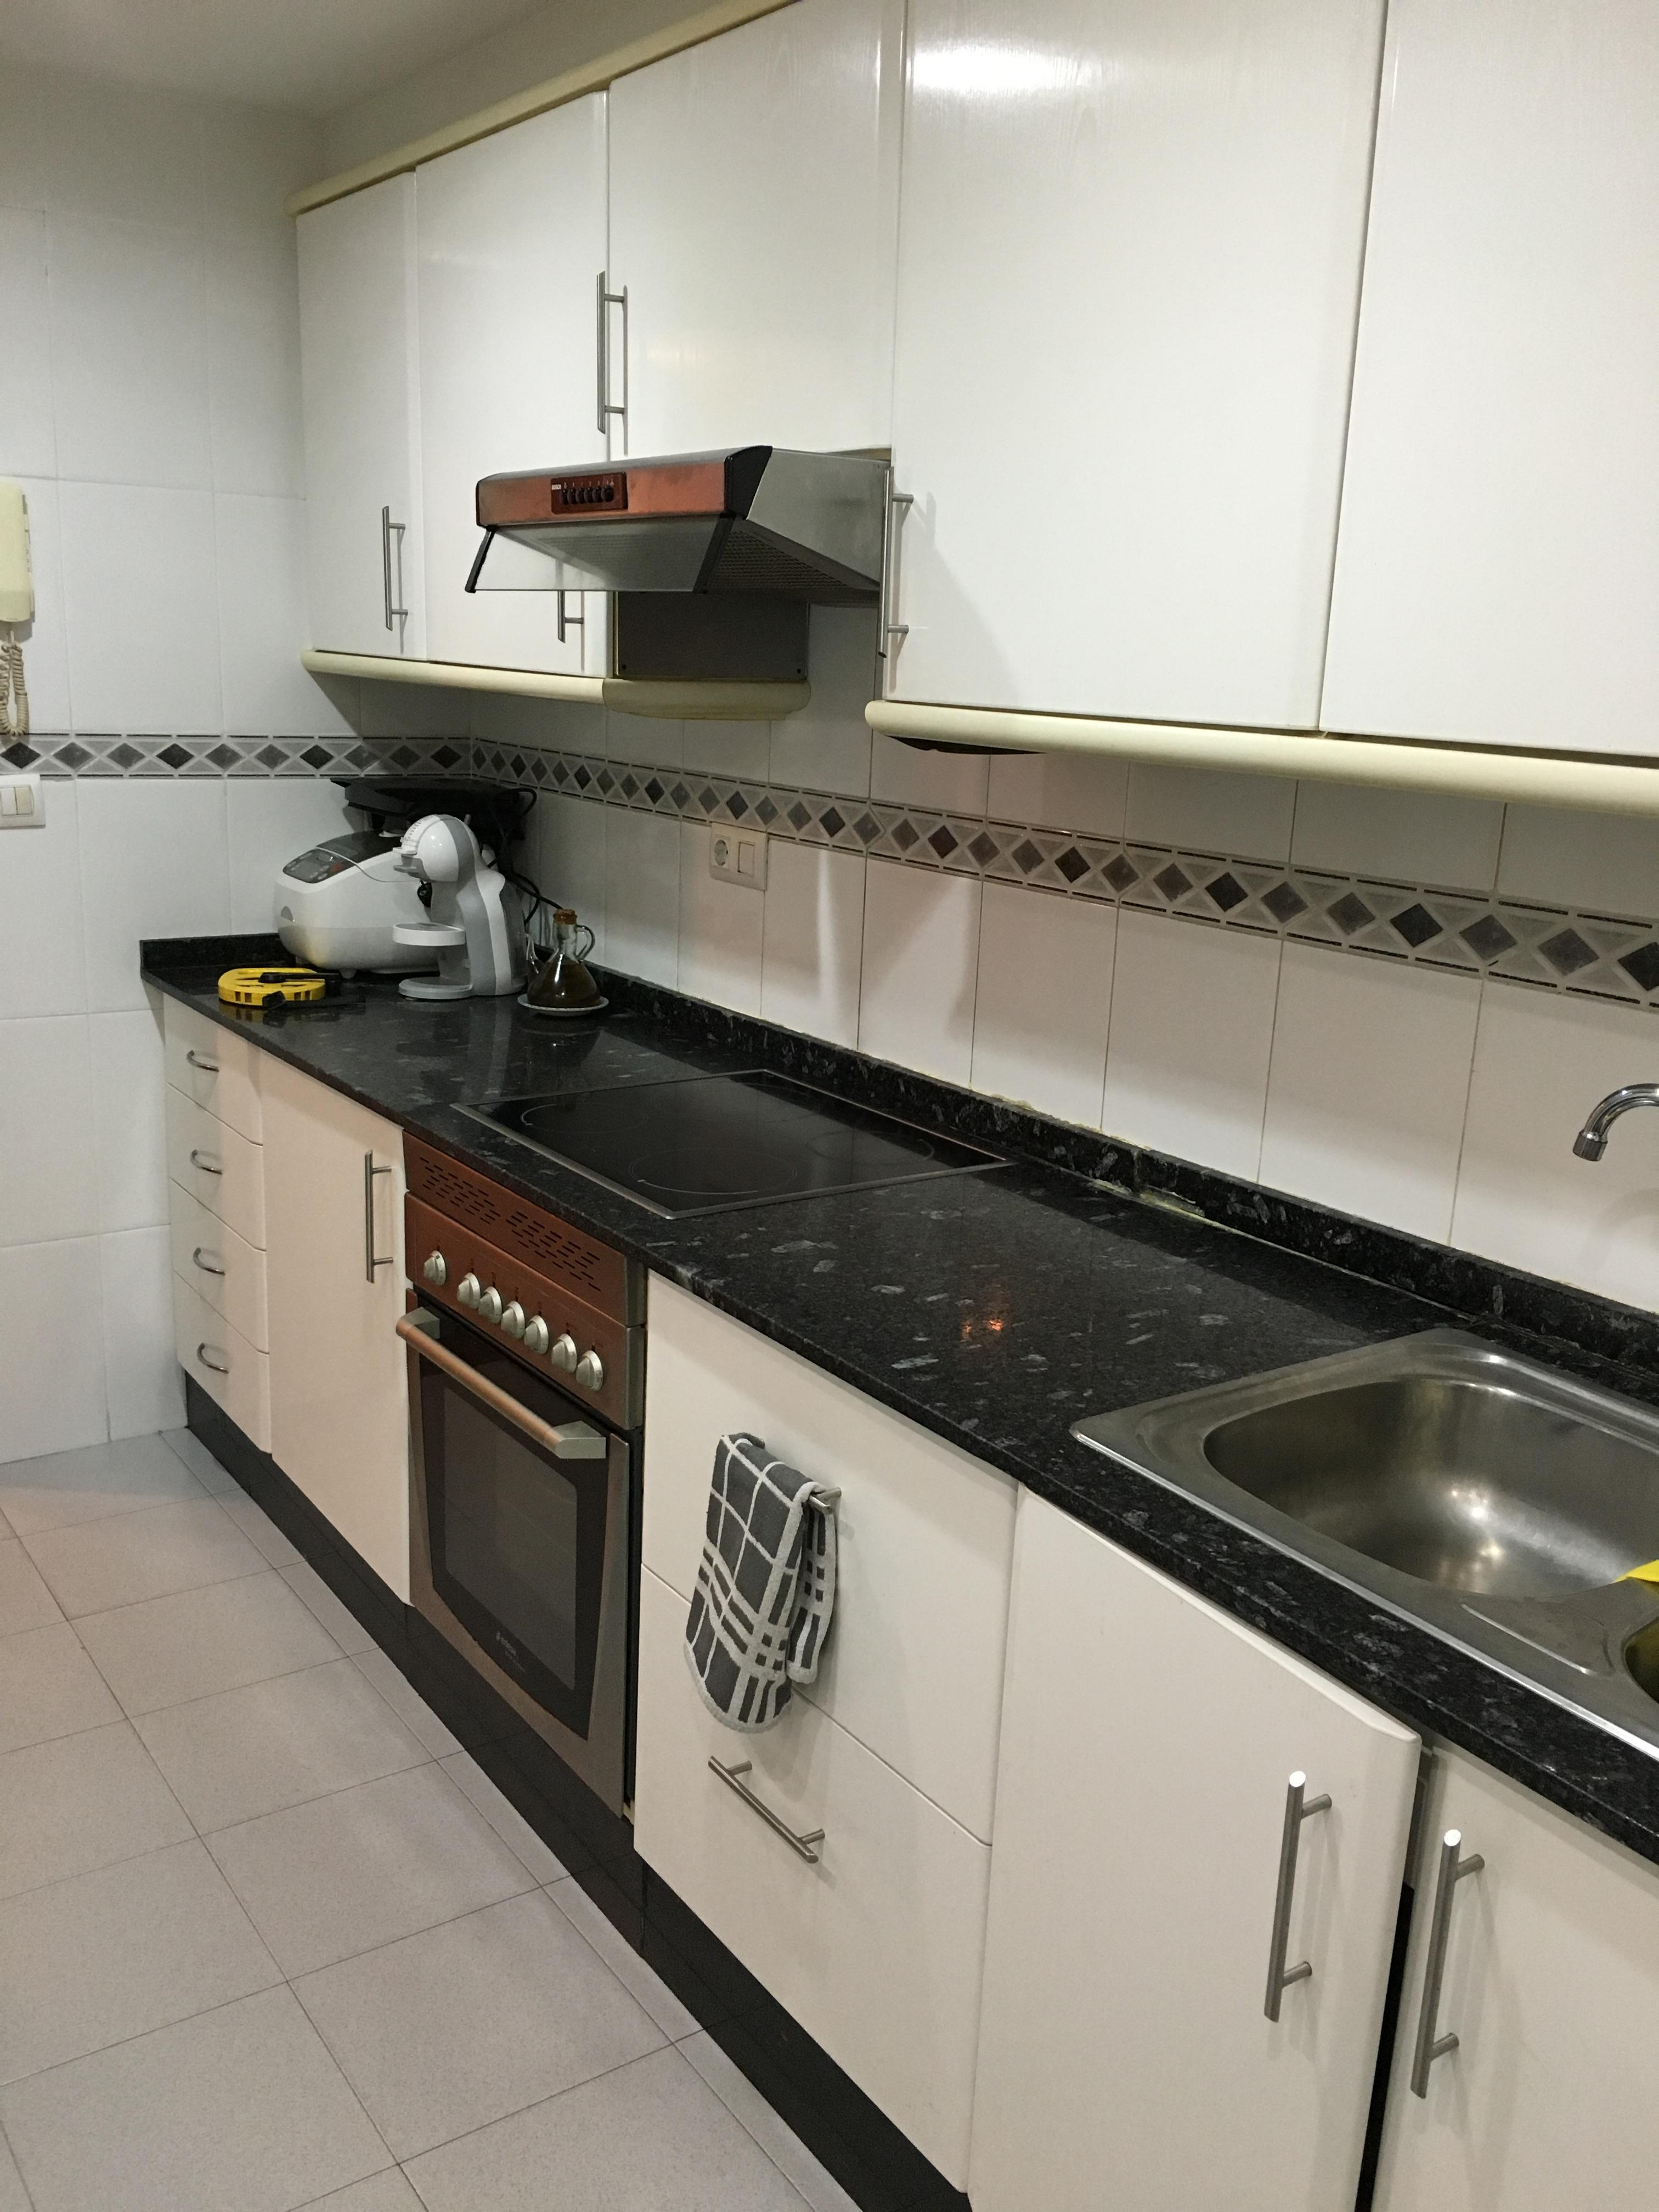 Proyectos de cocina valencia encimera de cocina en for Proyectos de cocina